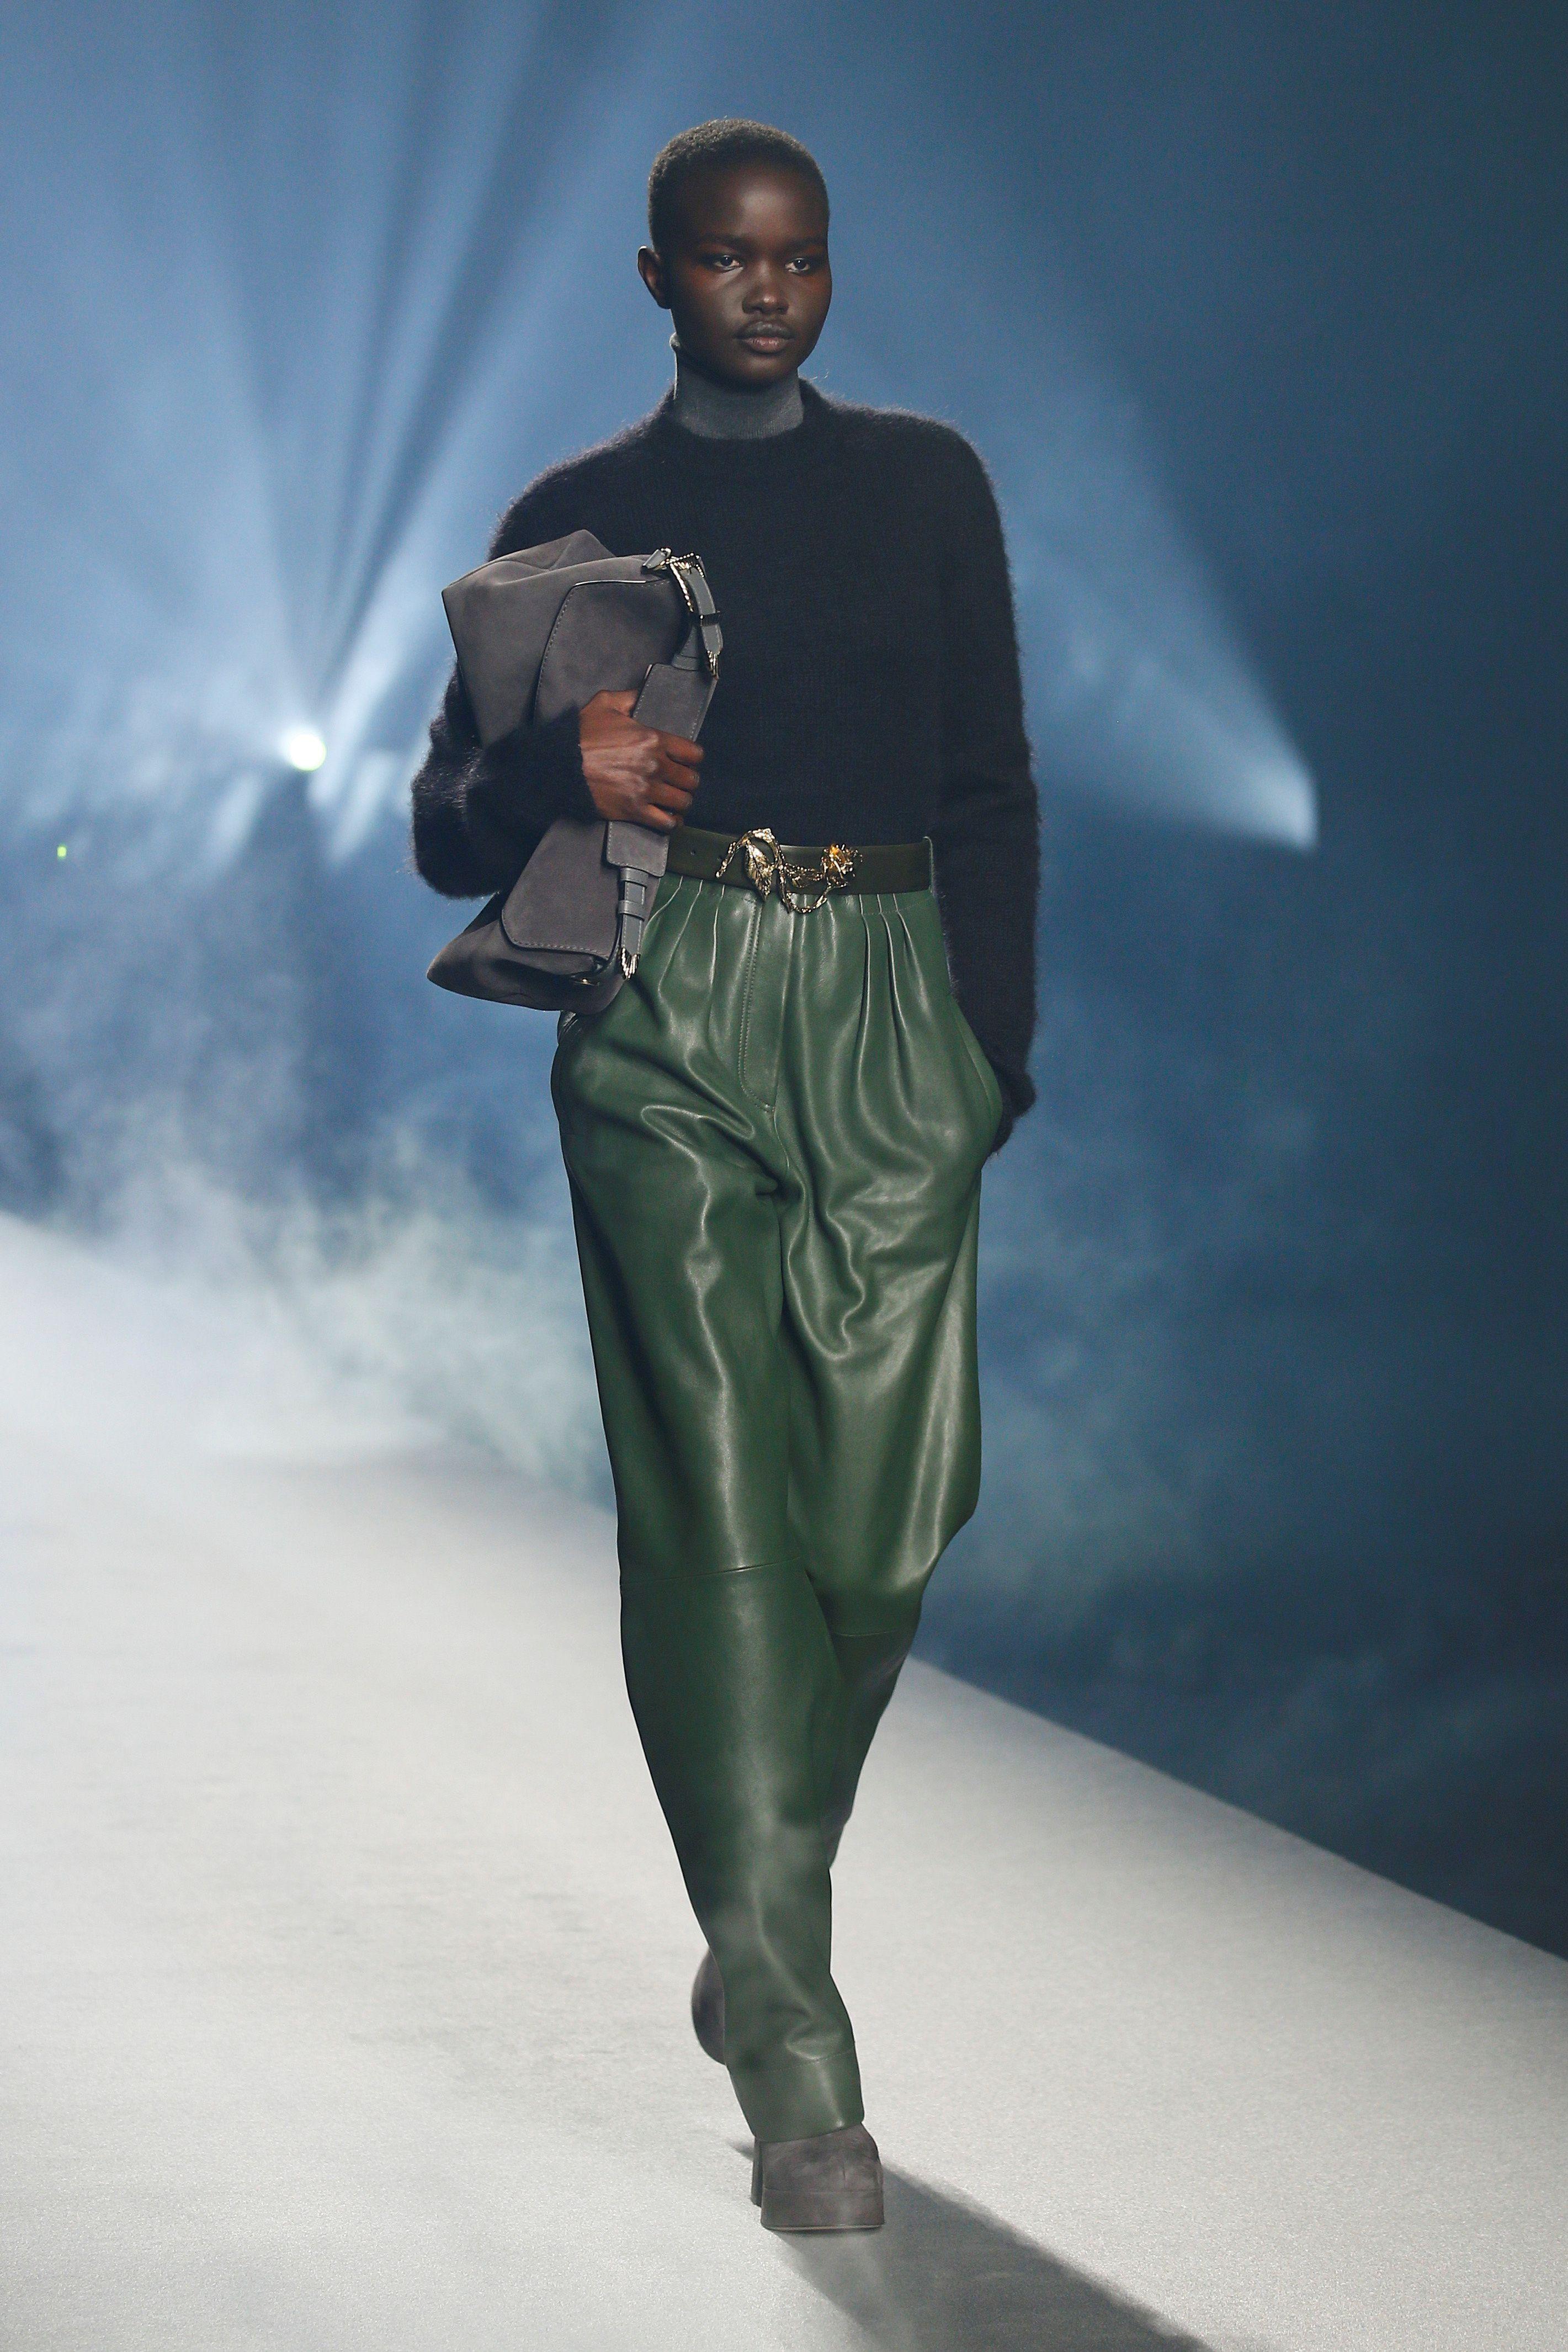 El éxito de la semana de la moda se mide ahora en función de las visualizaciones. La última edición de la semana de la moda de Milán en septiembre superó 43 millones de visitas al canal en streaming